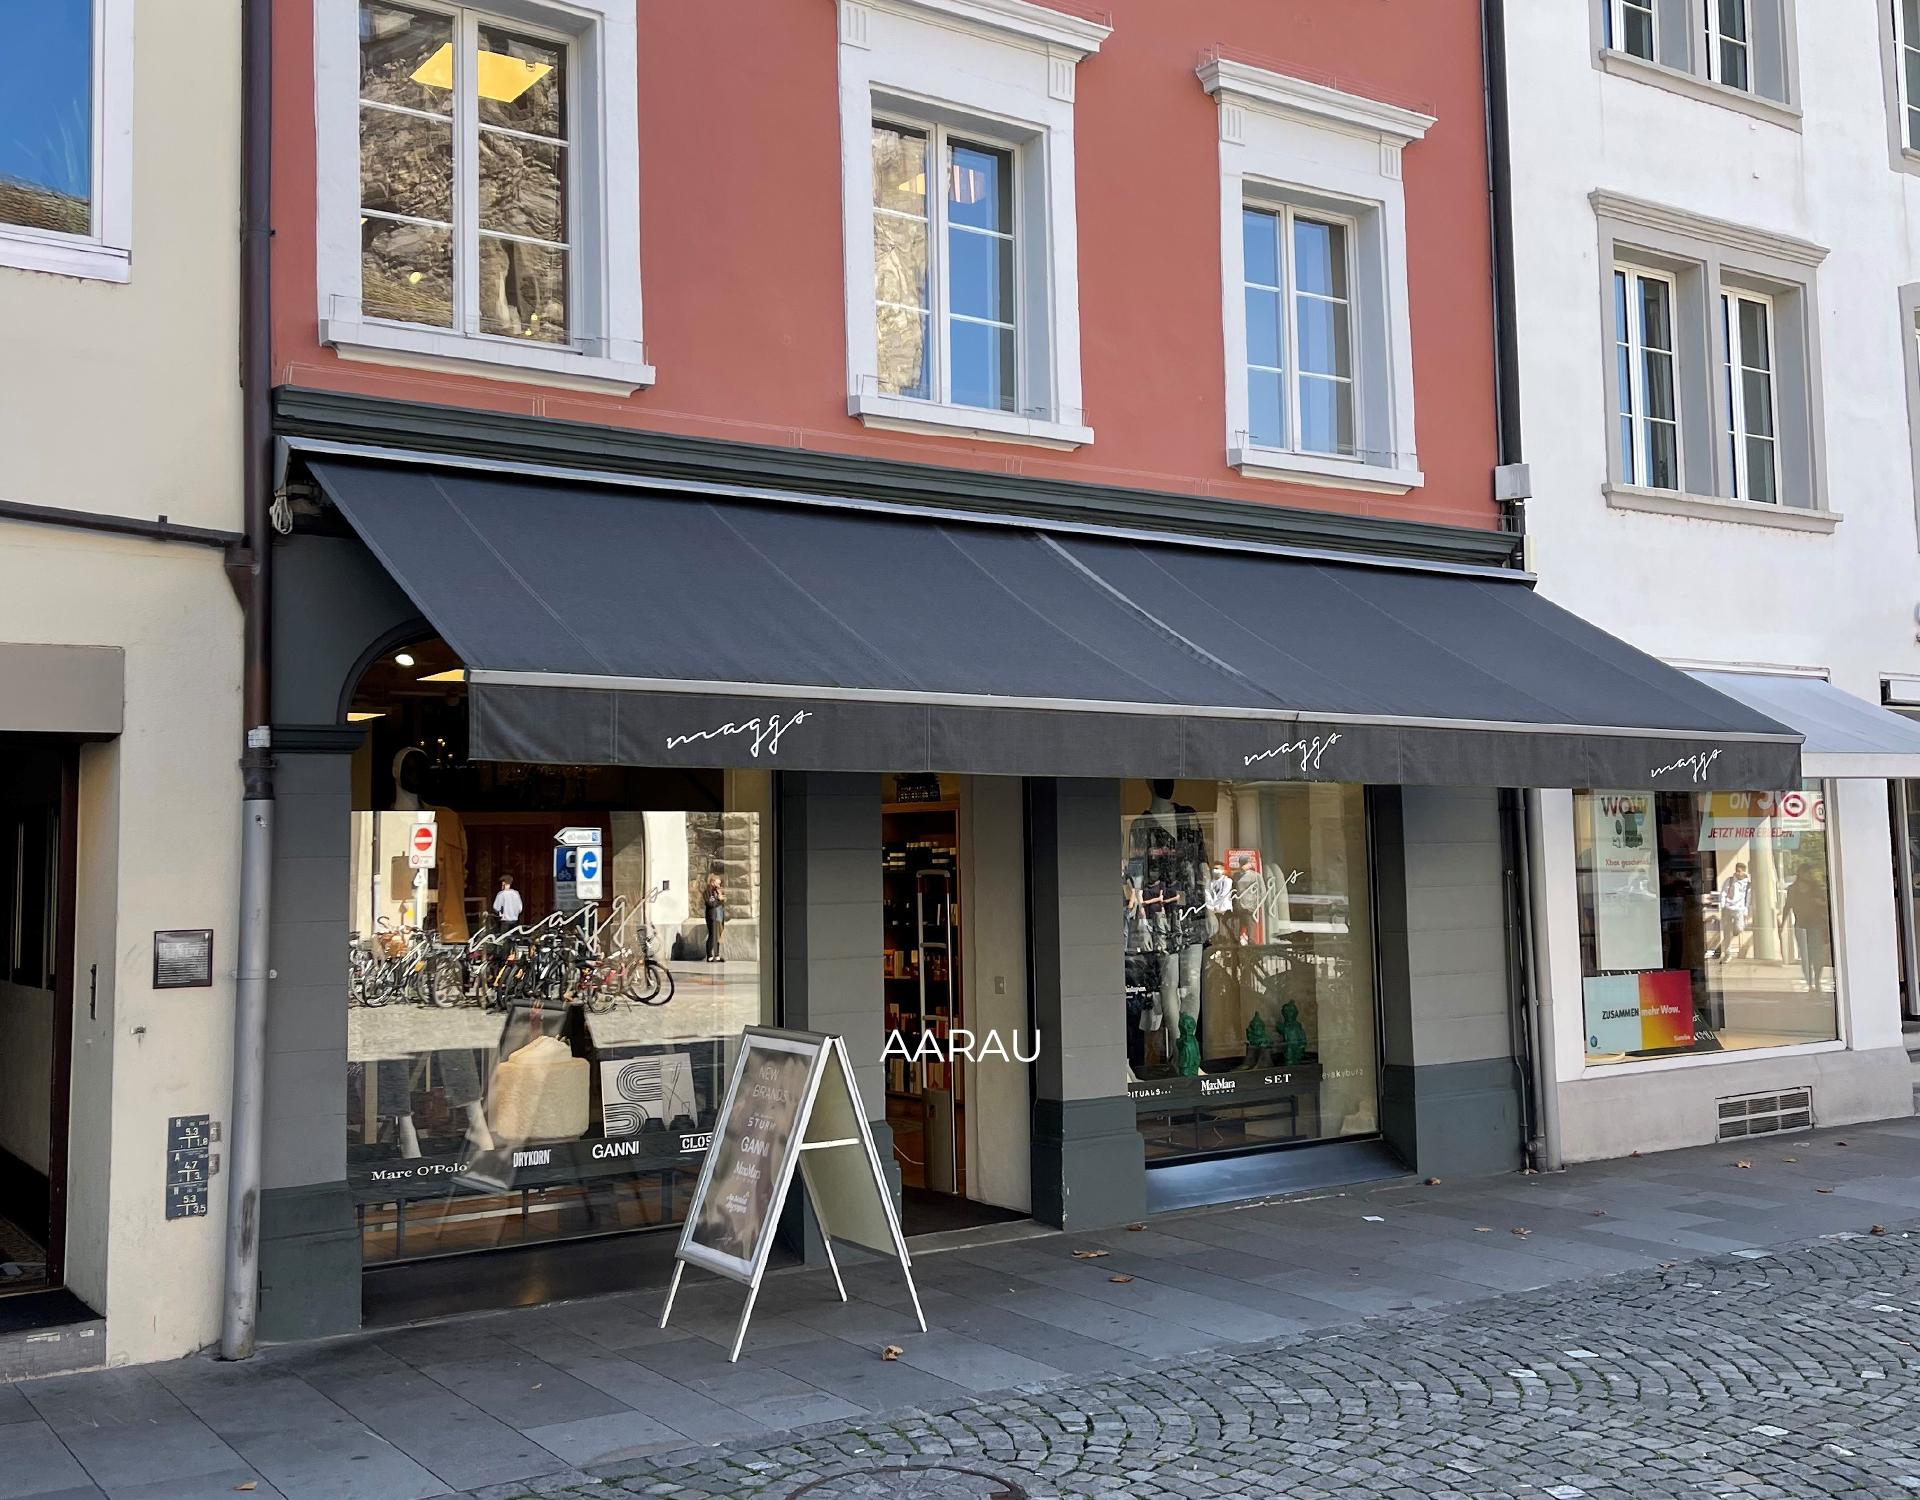 Bild von MAGGS Aarau Fassade